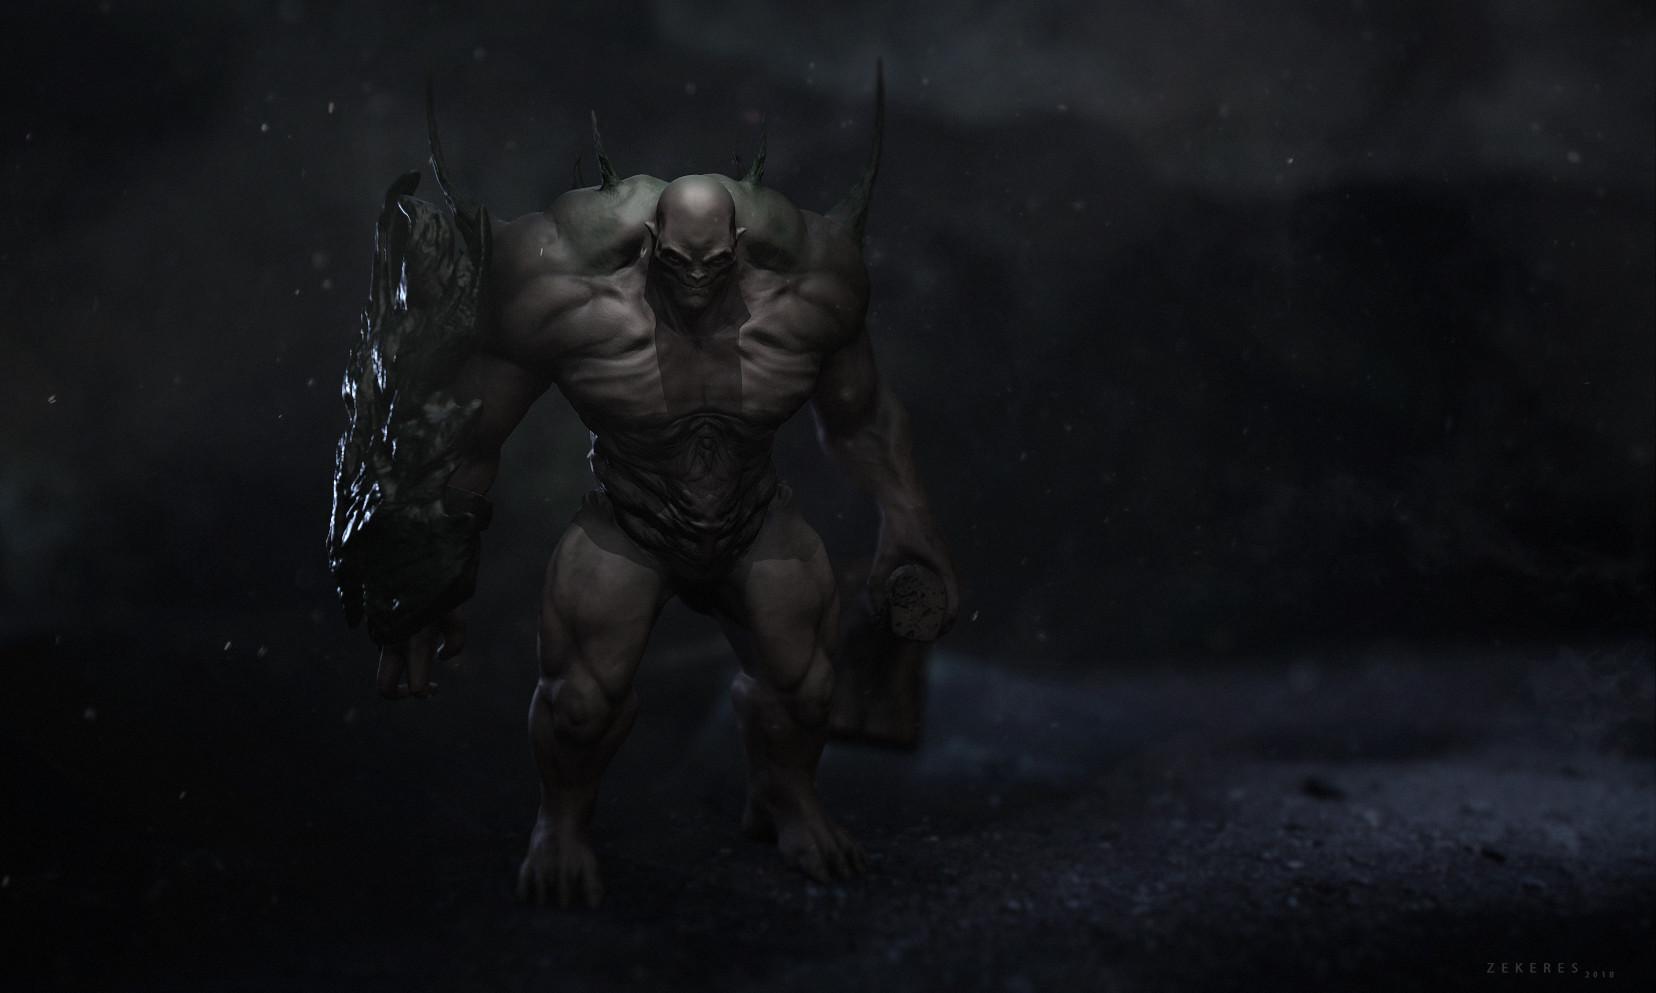 Peter zekeres orc render movie02